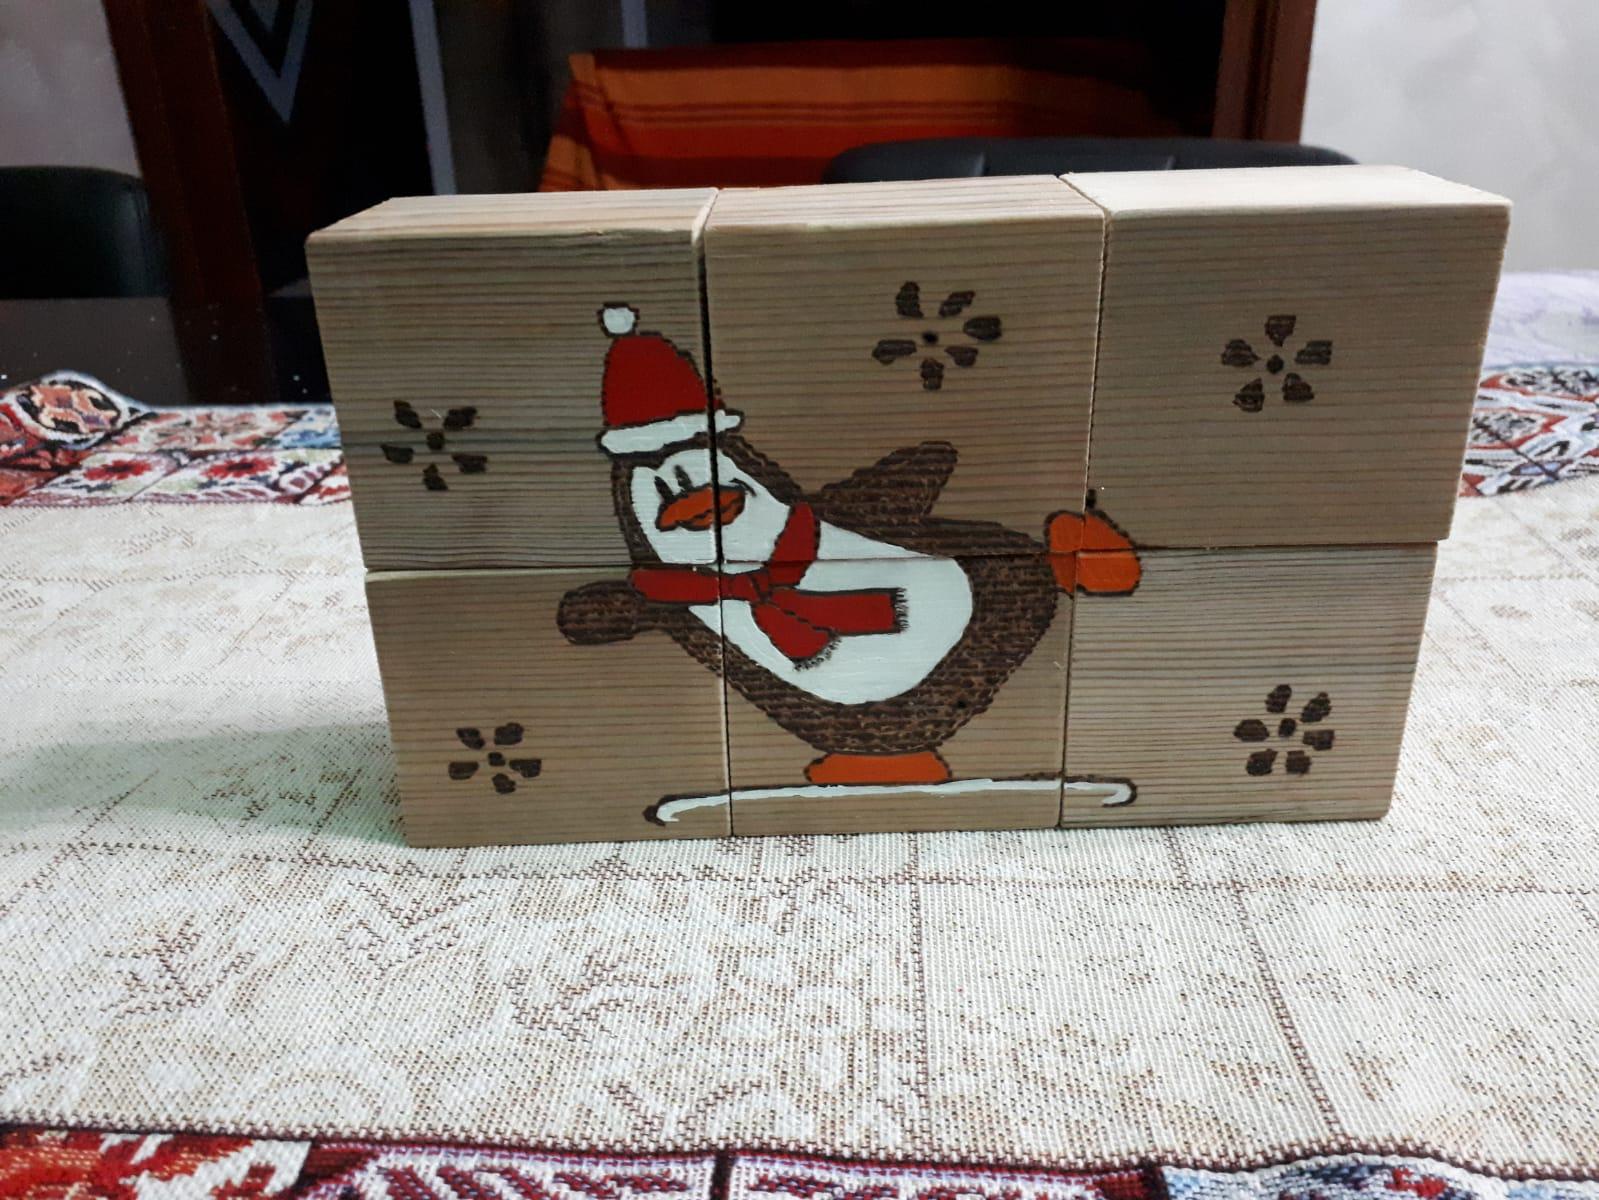 Multi blocco in legno raffigurante un Pinguino Natalizio